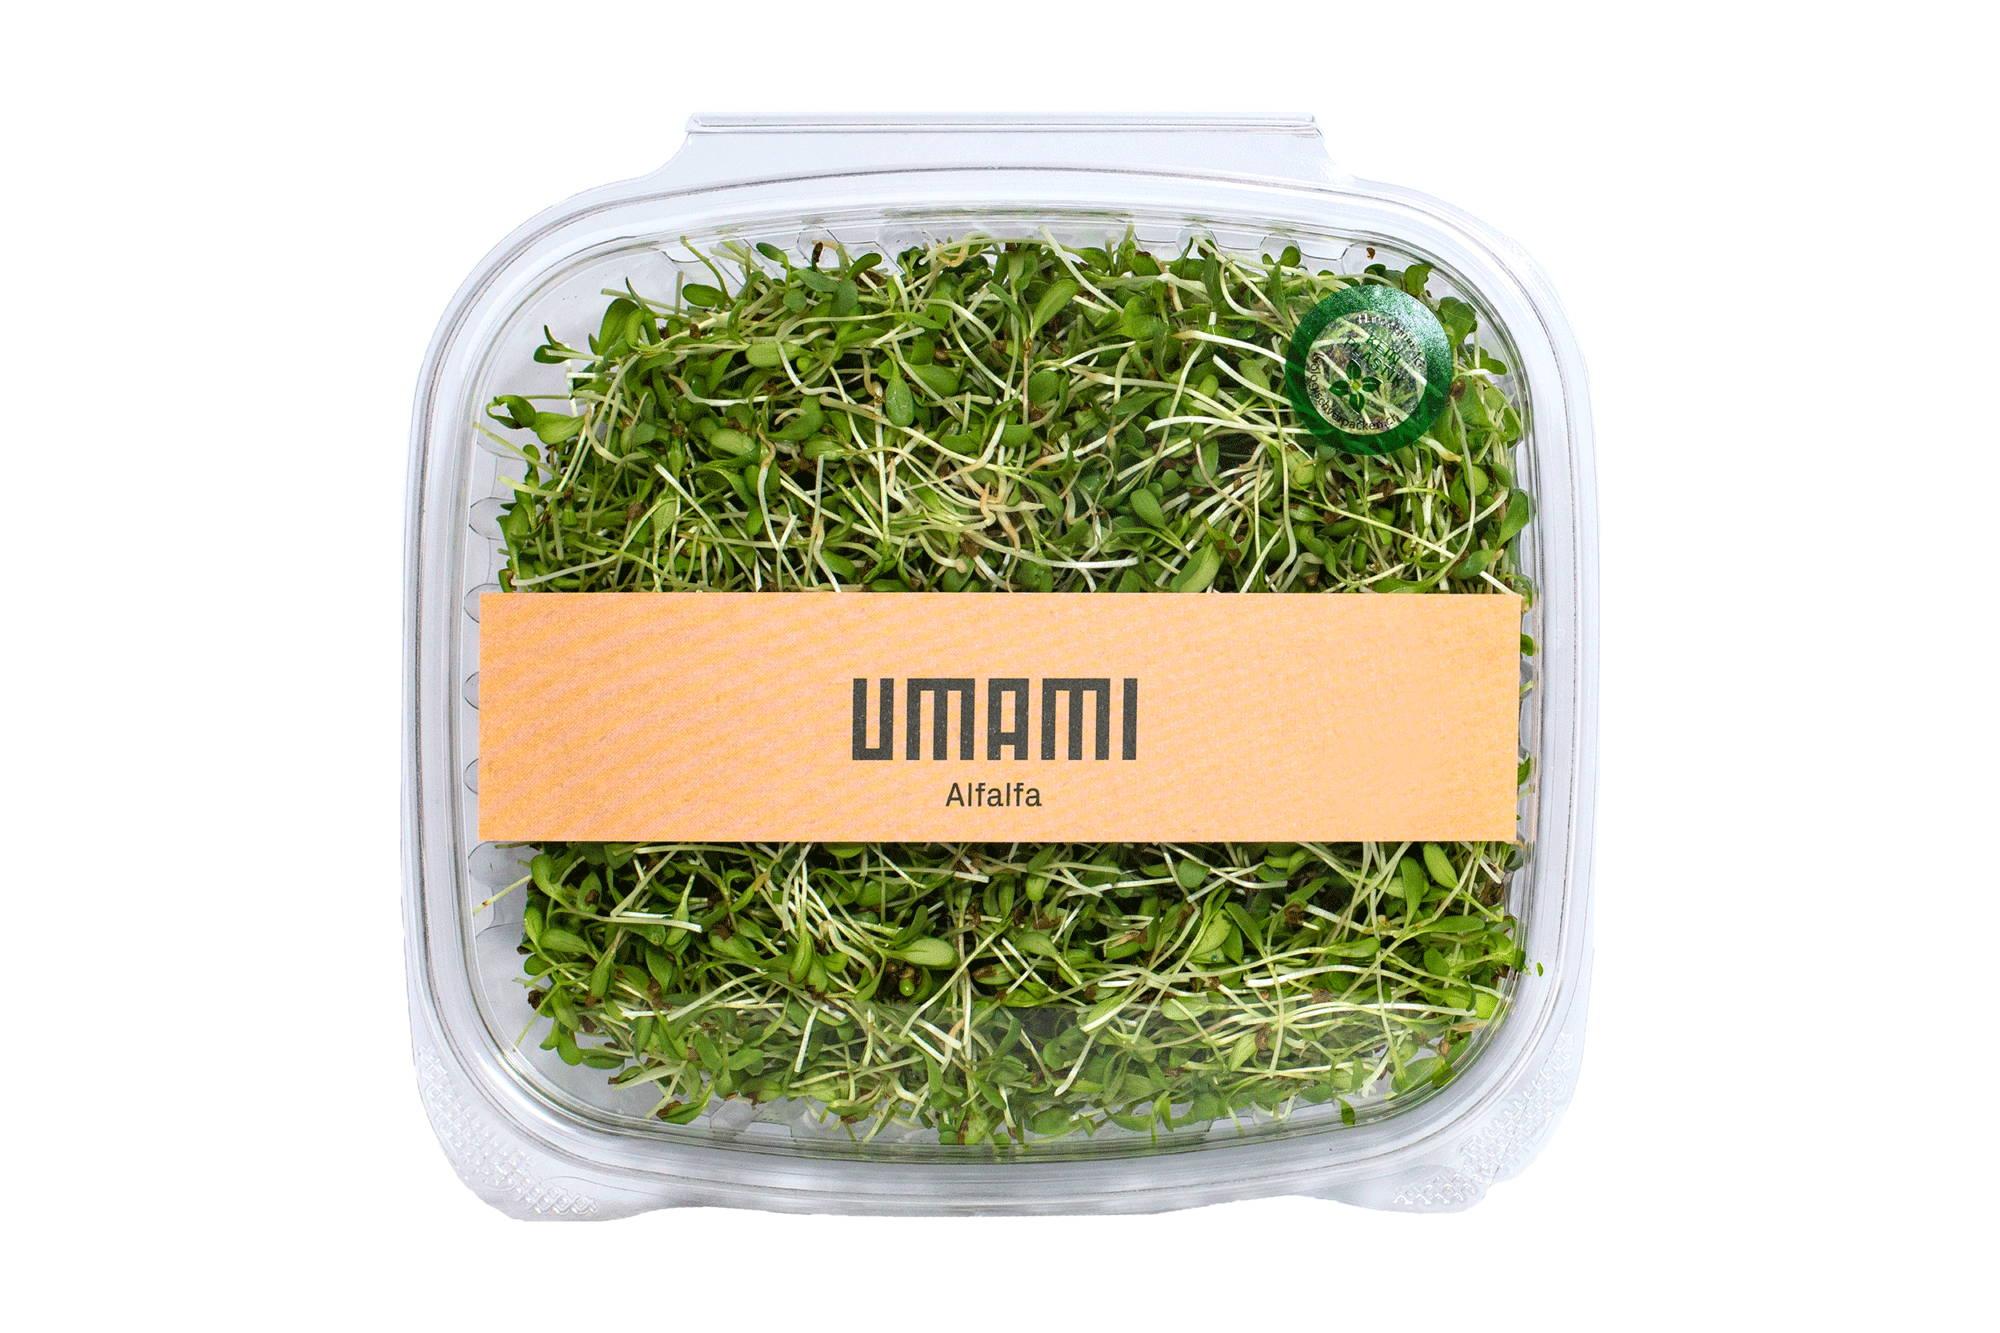 ALFALFA Microgreens. Nährstoffreich.  Für eine ausgewogene Ernährung.